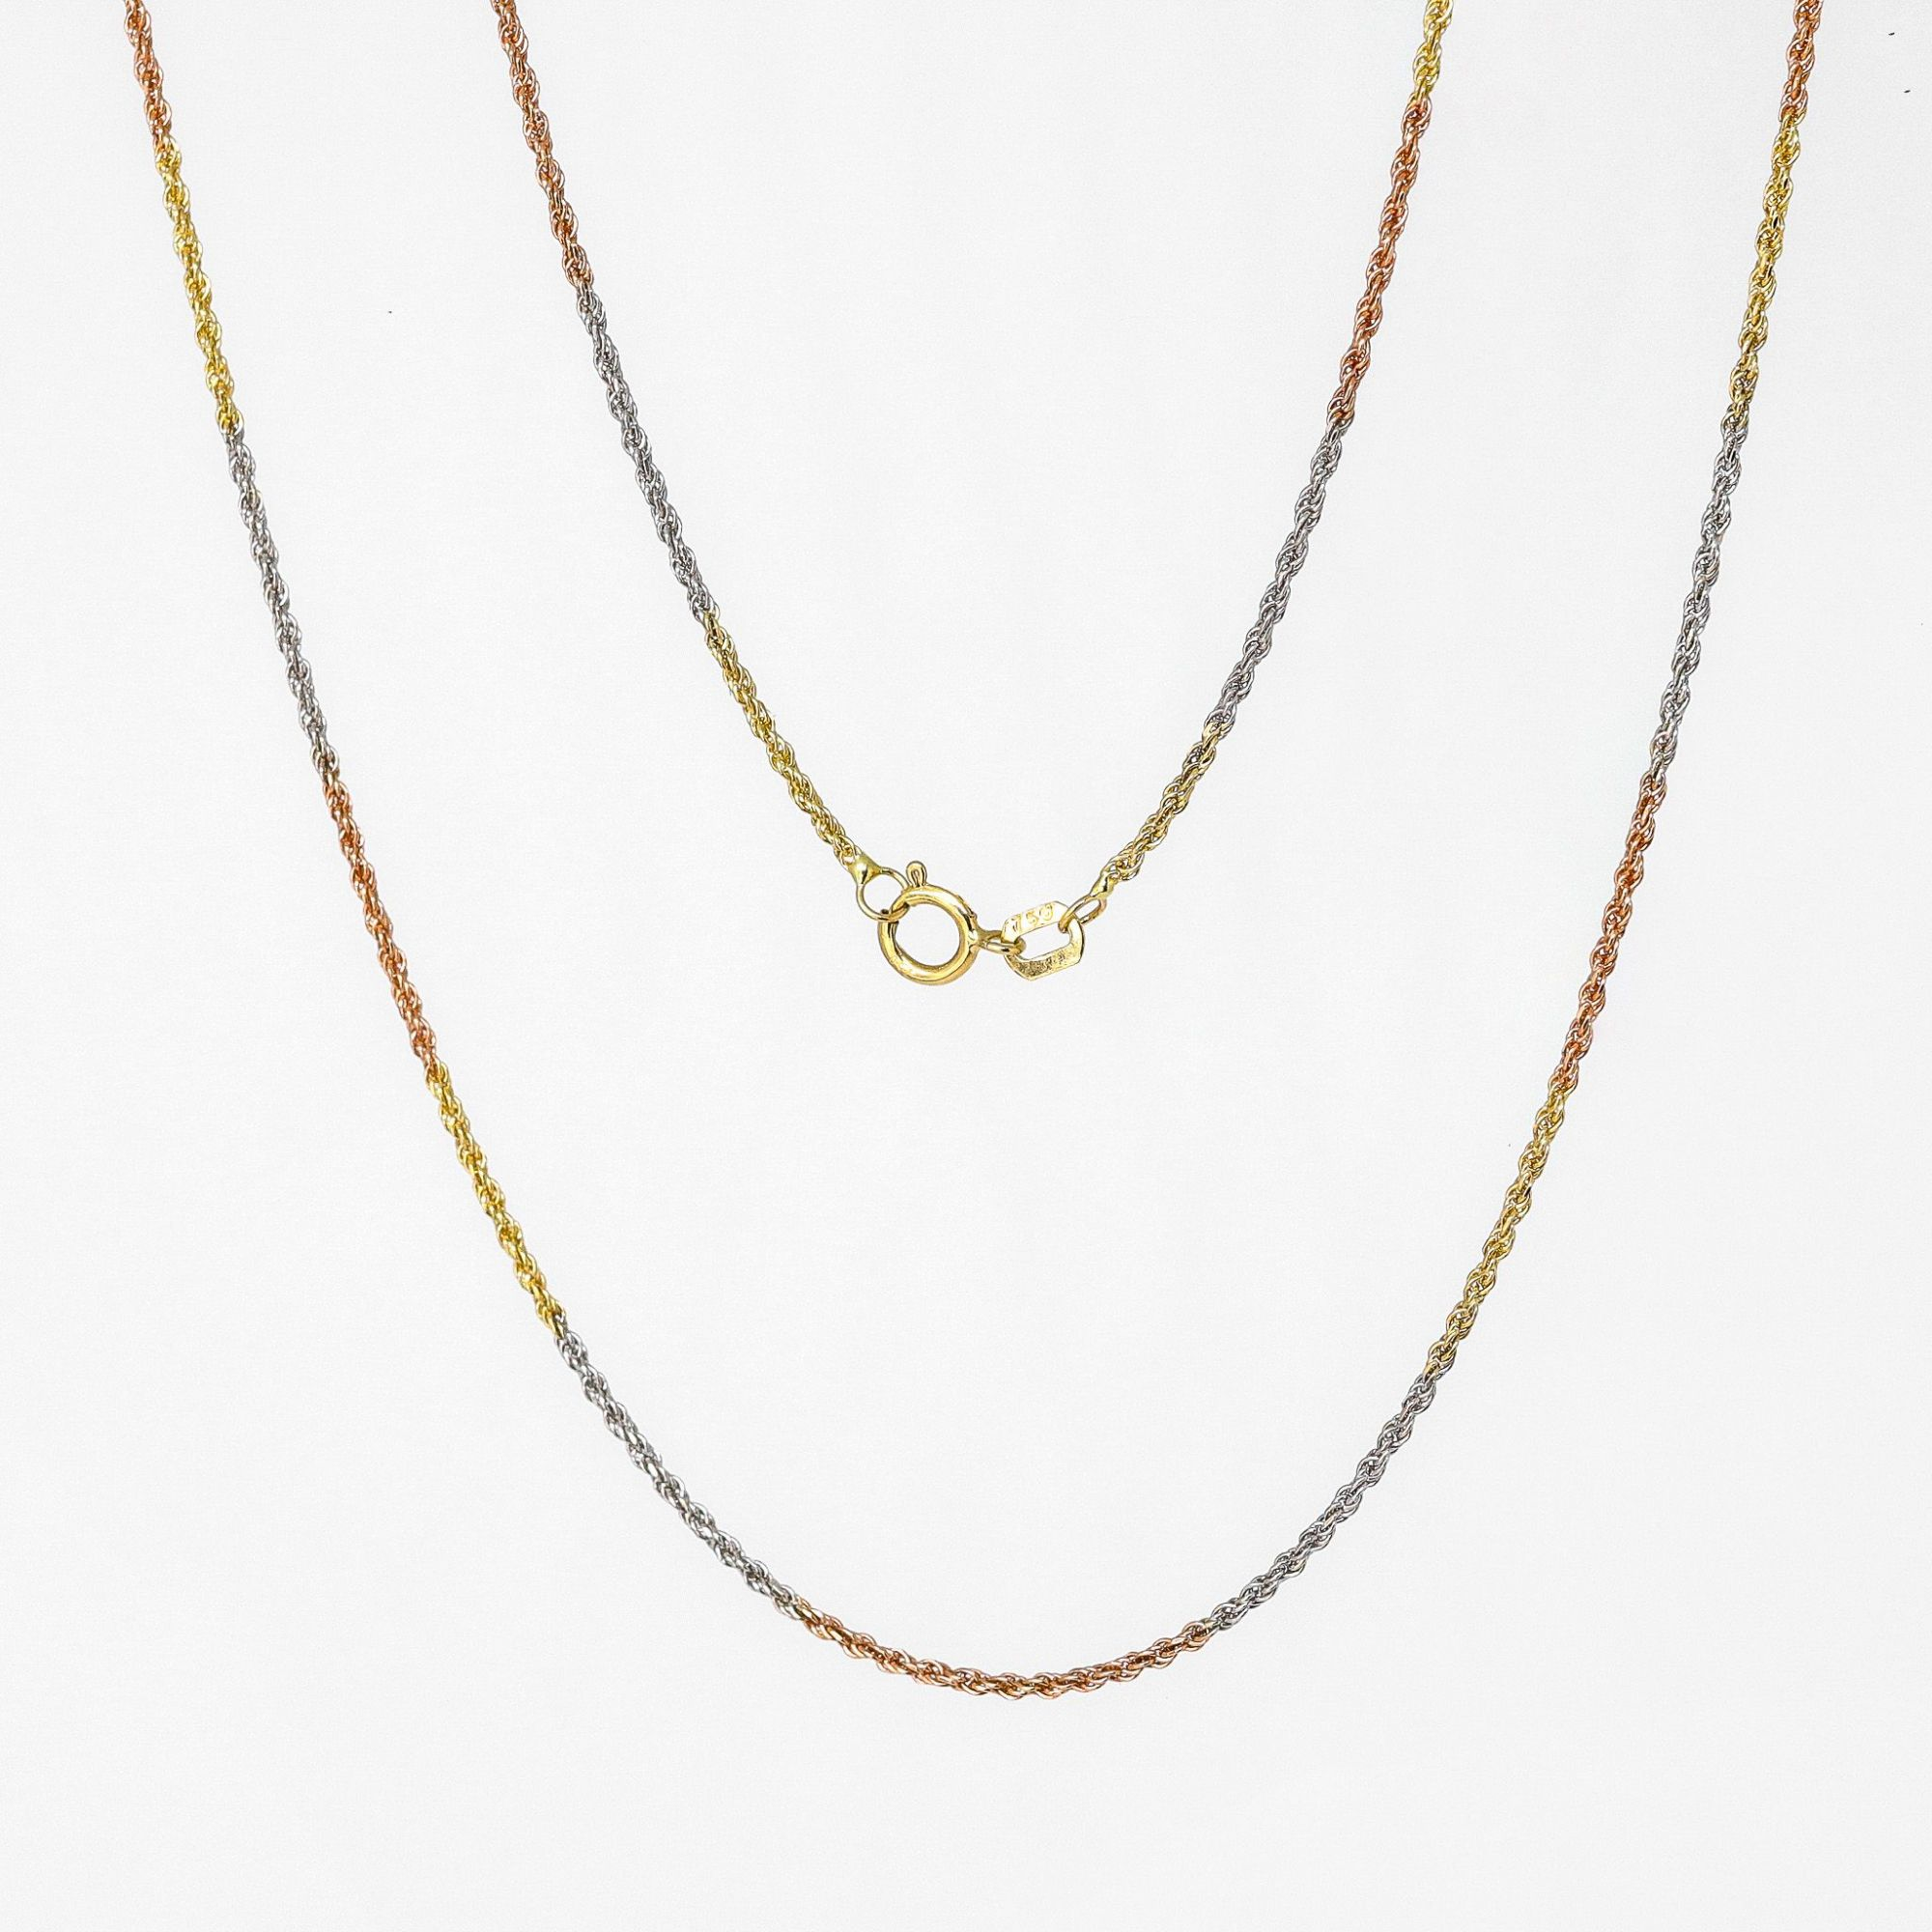 Corrente ouro 18k cordão baiano três cores 45 cm